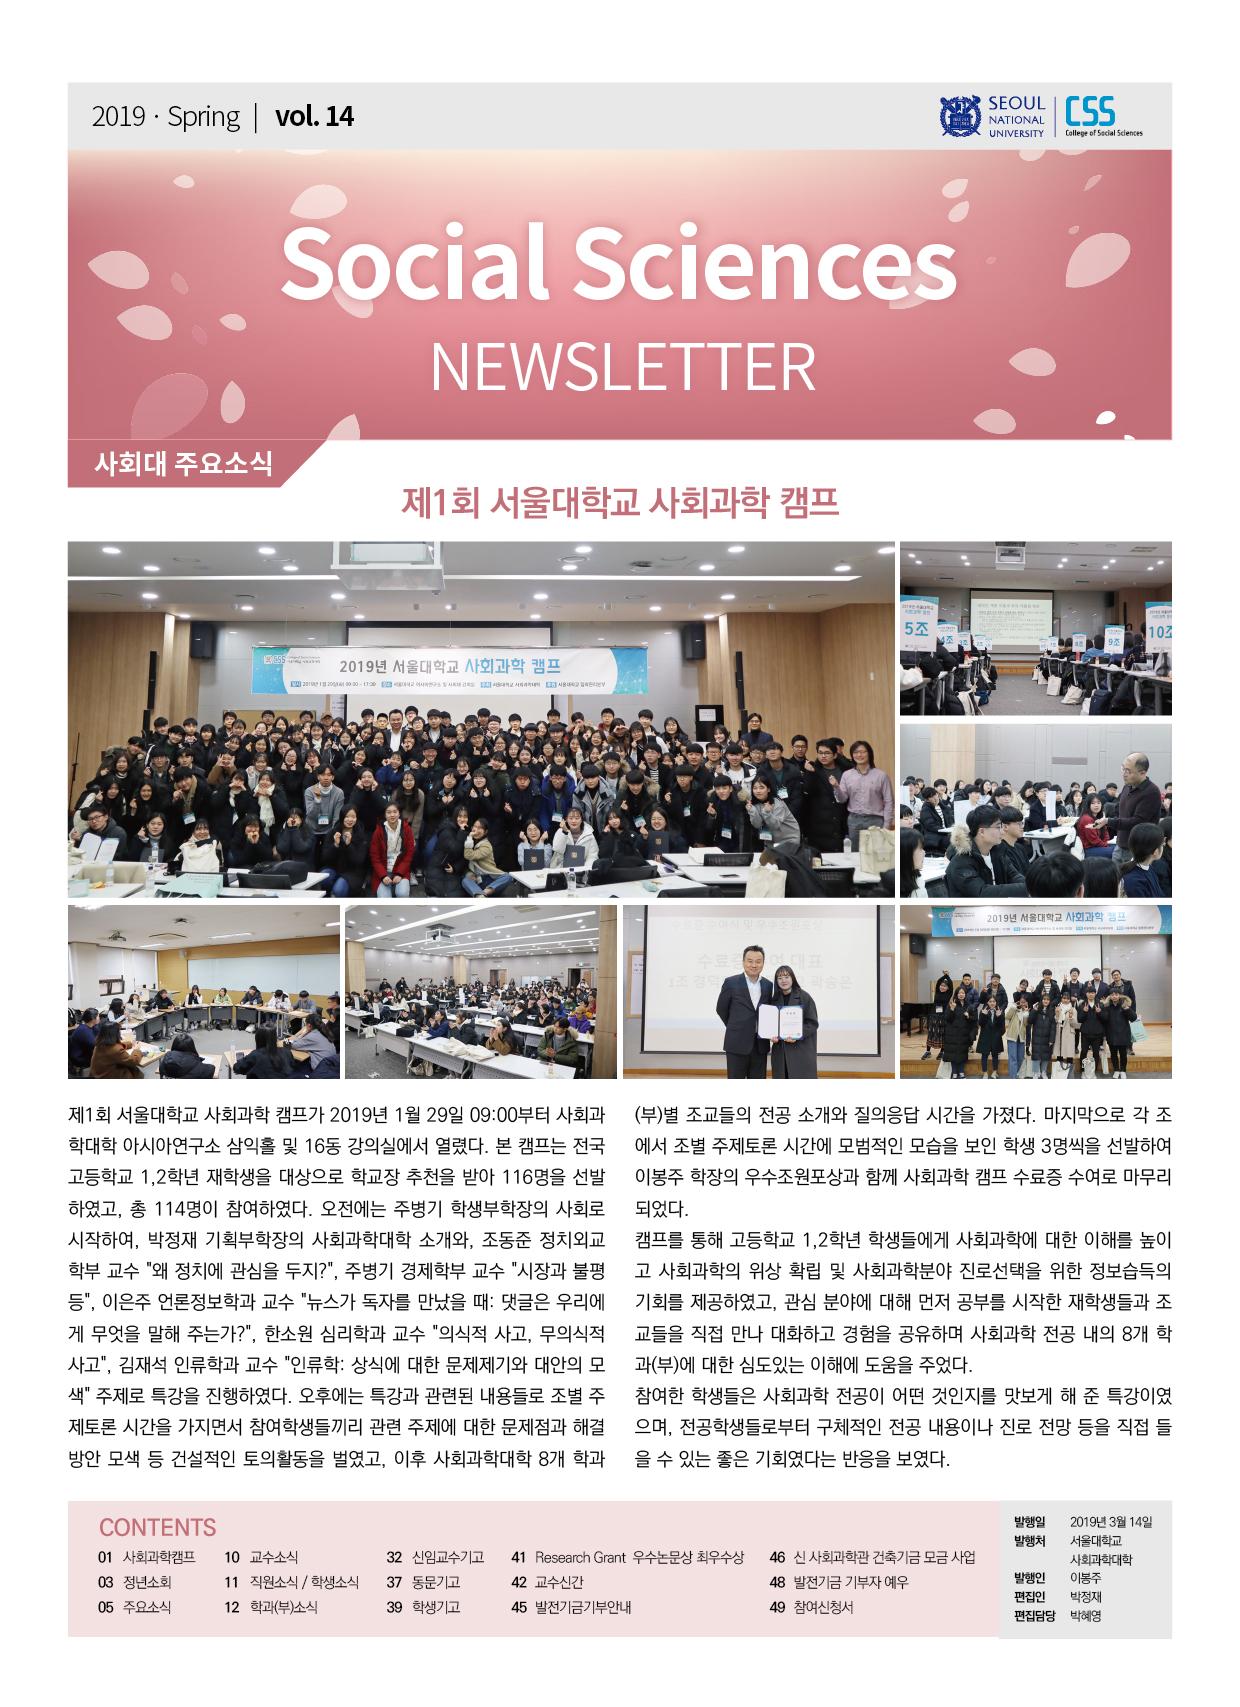 사본 -[뉴스레터]2019 14호 봄(온라인게시용)-중.jpg